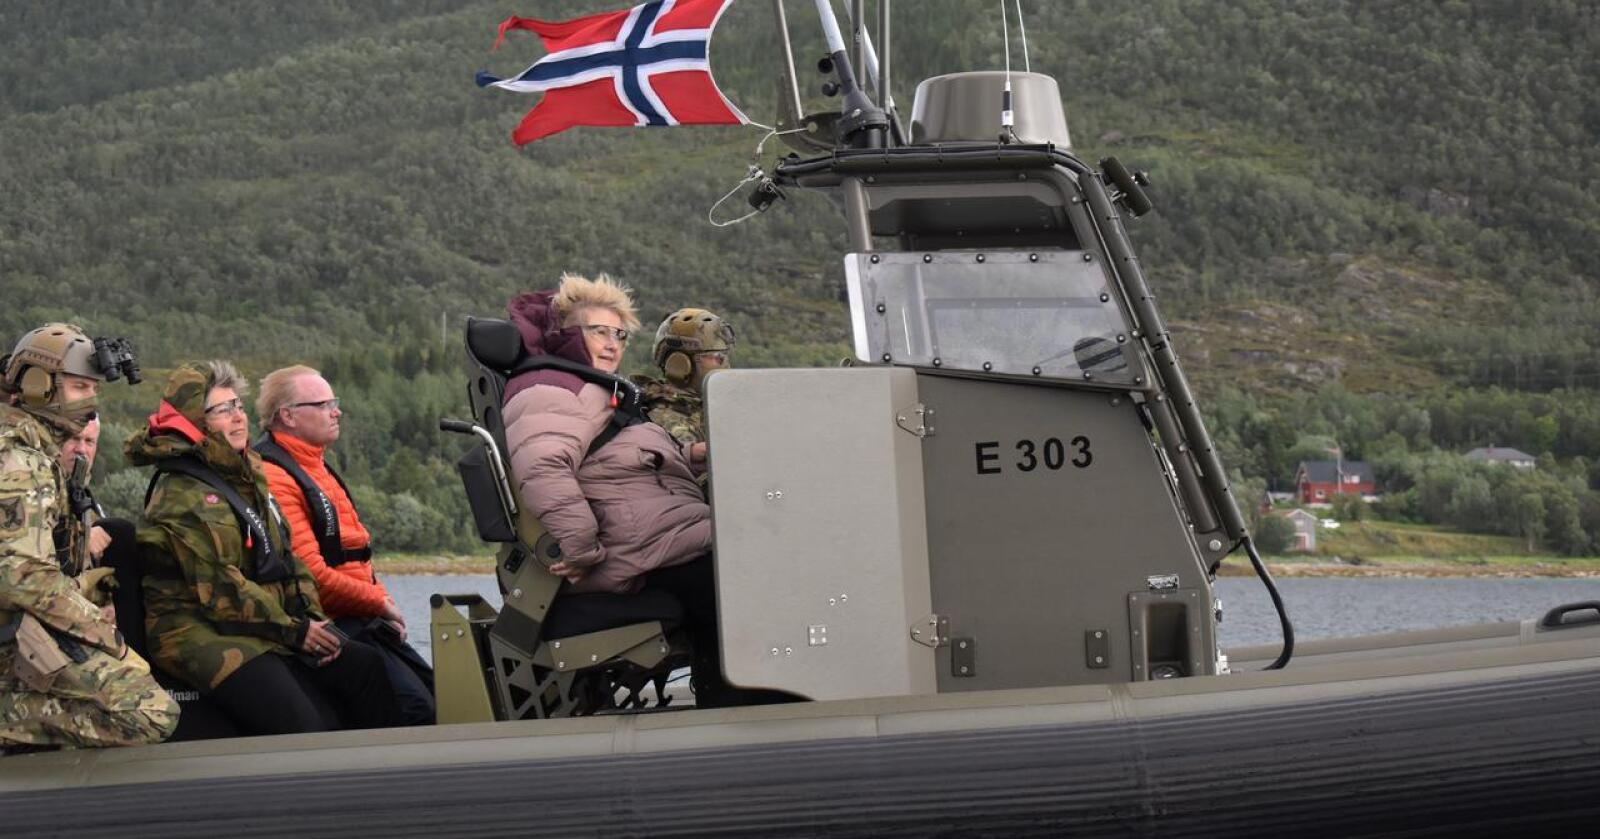 Mislykkes: Regjeringen har mislykkes i å styrke sikkerhet og beredskap. Her er statsminister Erna Solberg på tur med rib med Sjøforsvaret på Ramsund ved en tidligere anledning. Foto: Henrik Heldahl